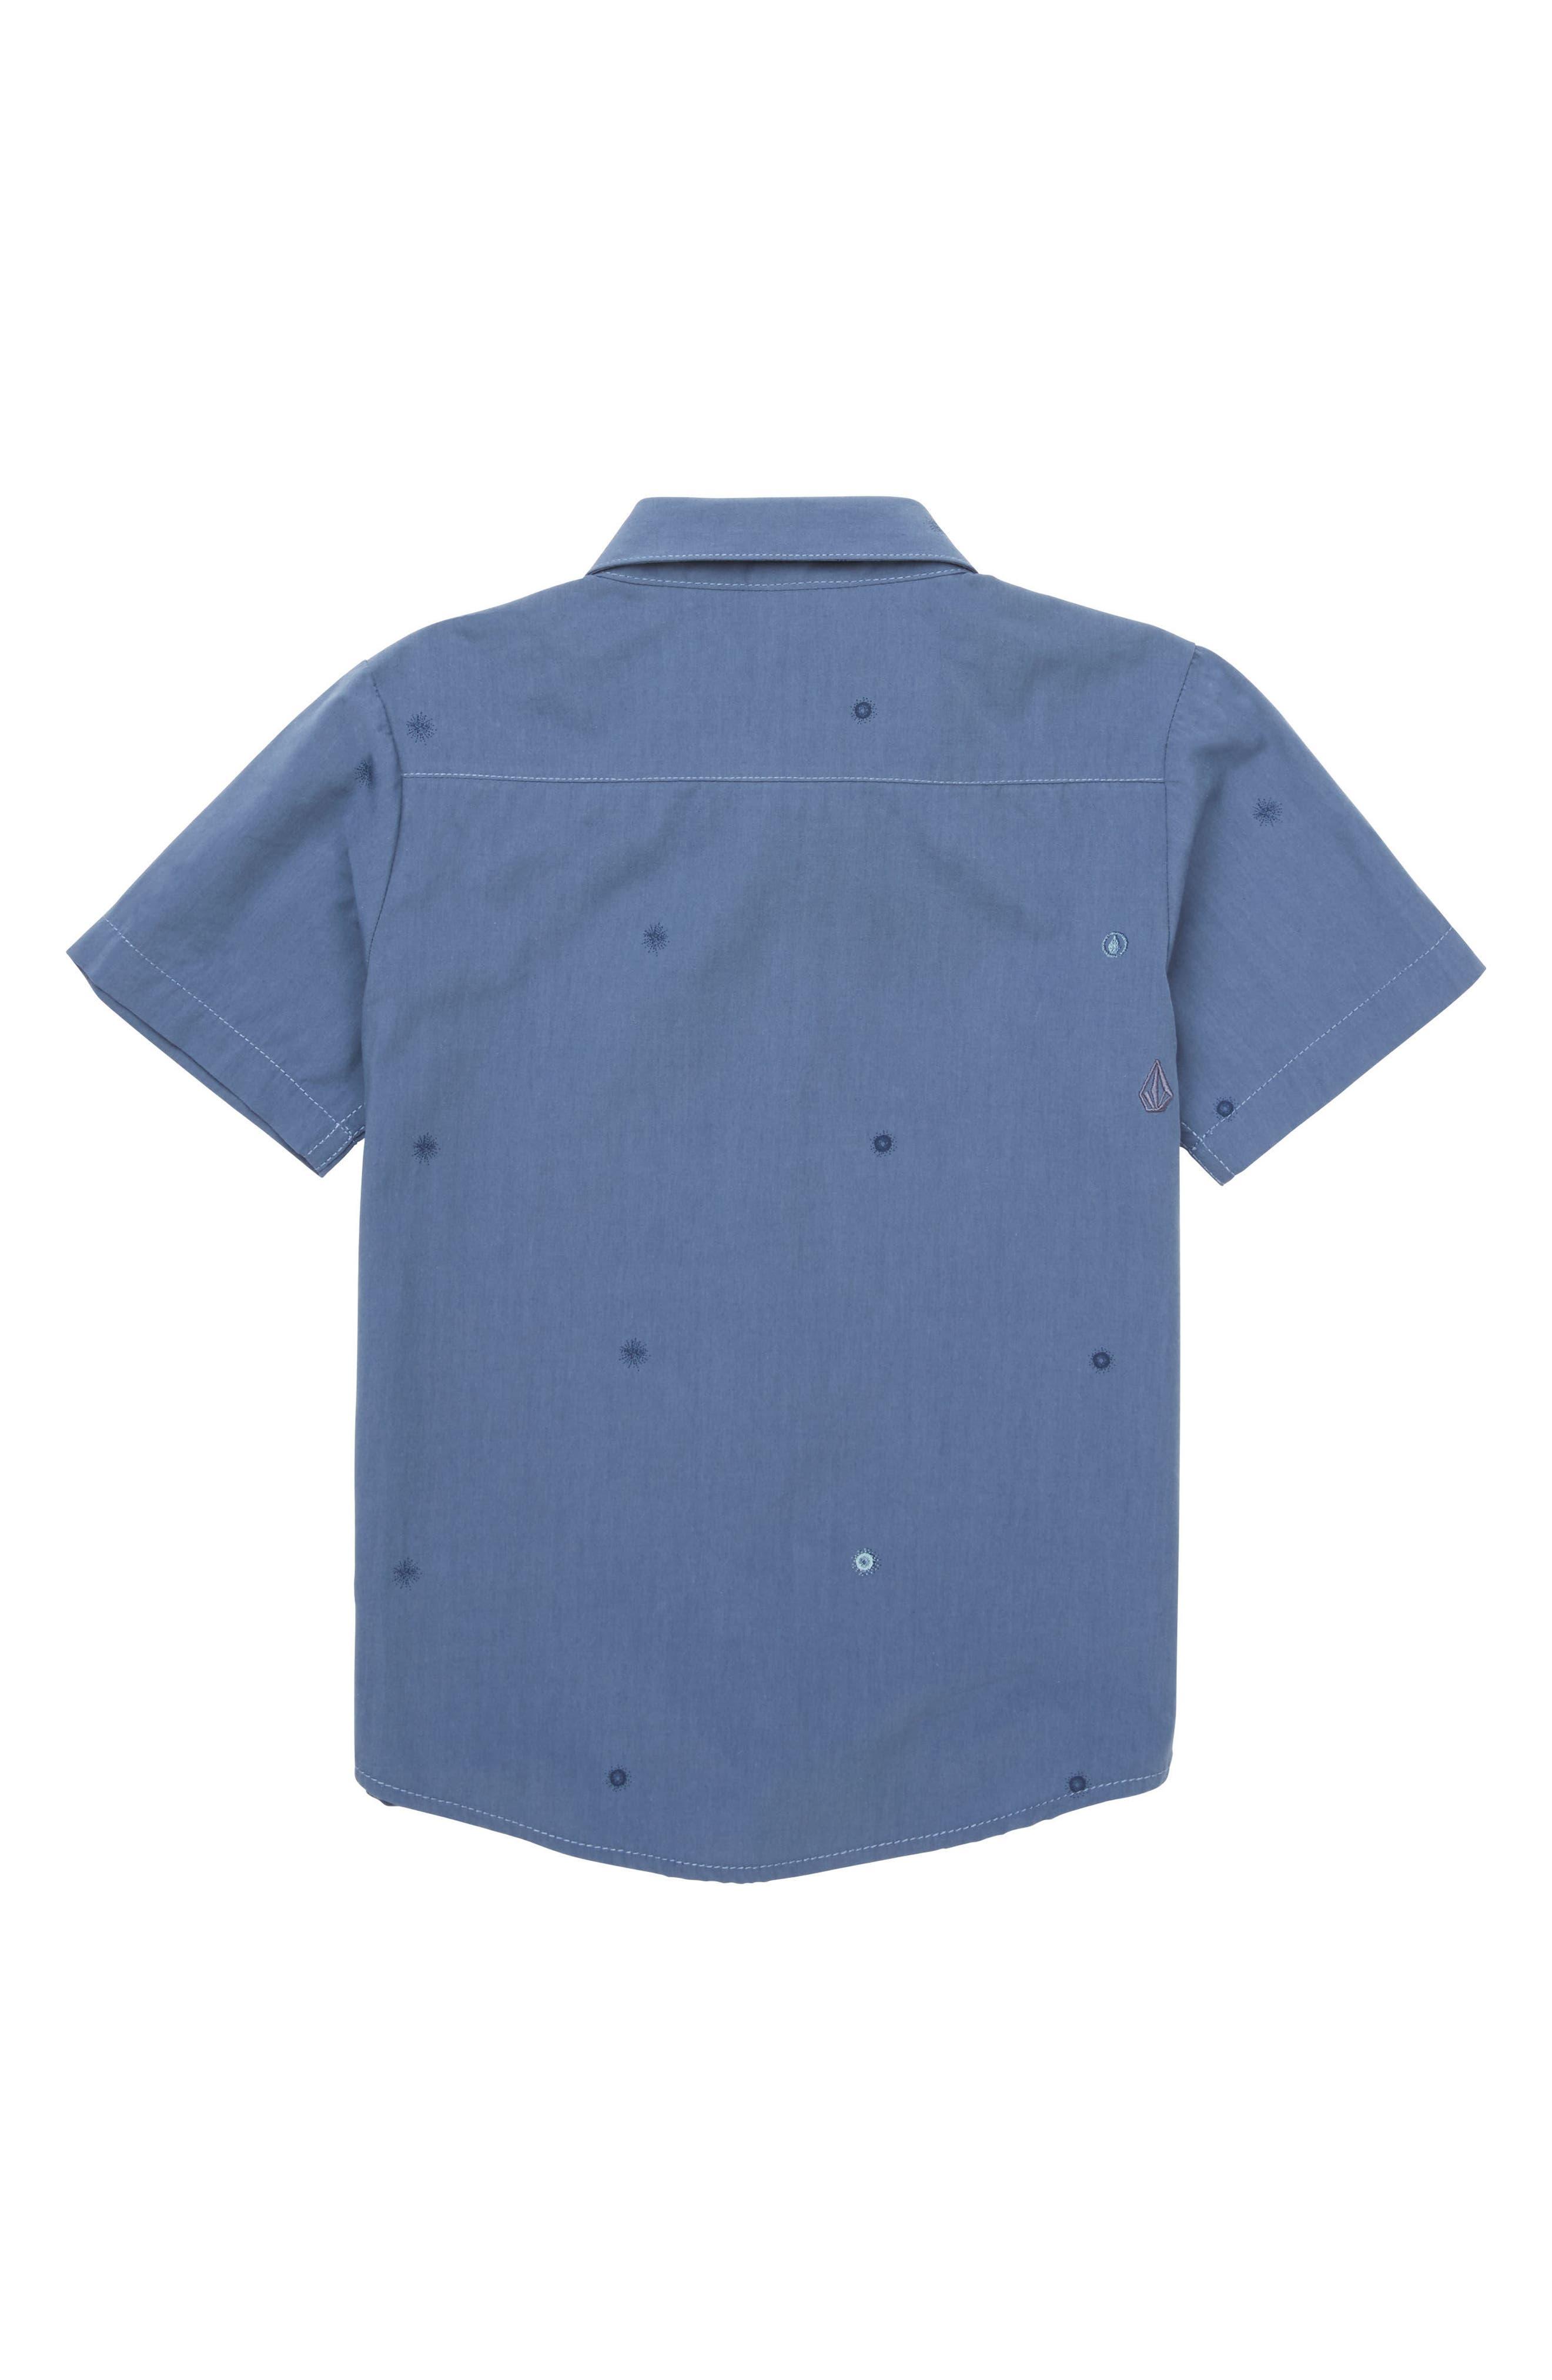 Bleeker Woven Shirt,                             Alternate thumbnail 2, color,                             Deep Blue